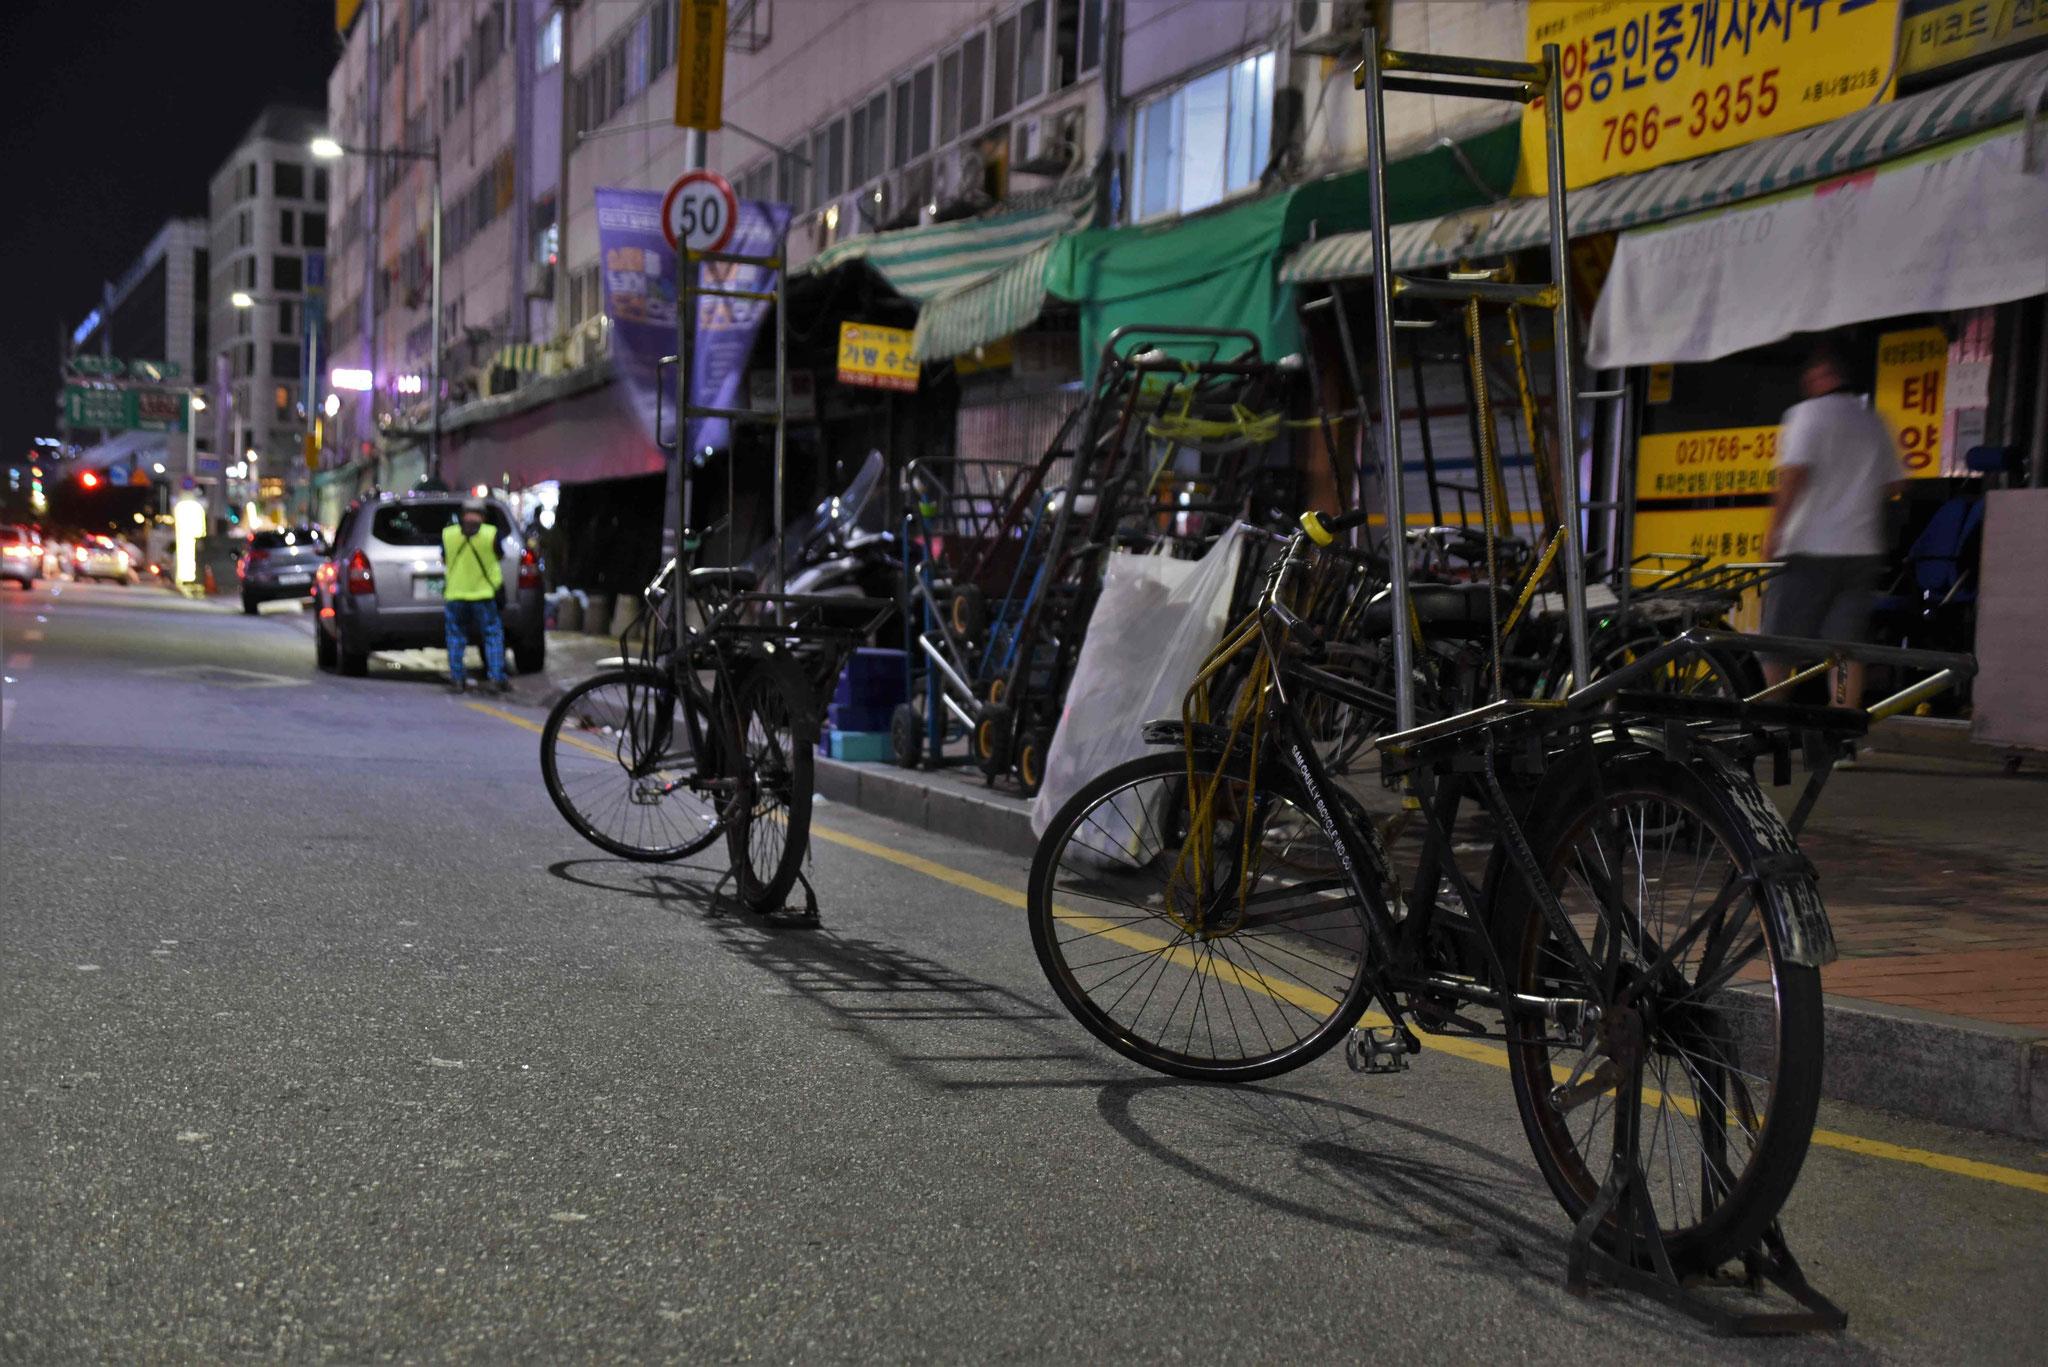 Fahrräder als Platzhalter für Zuliefer-LKW